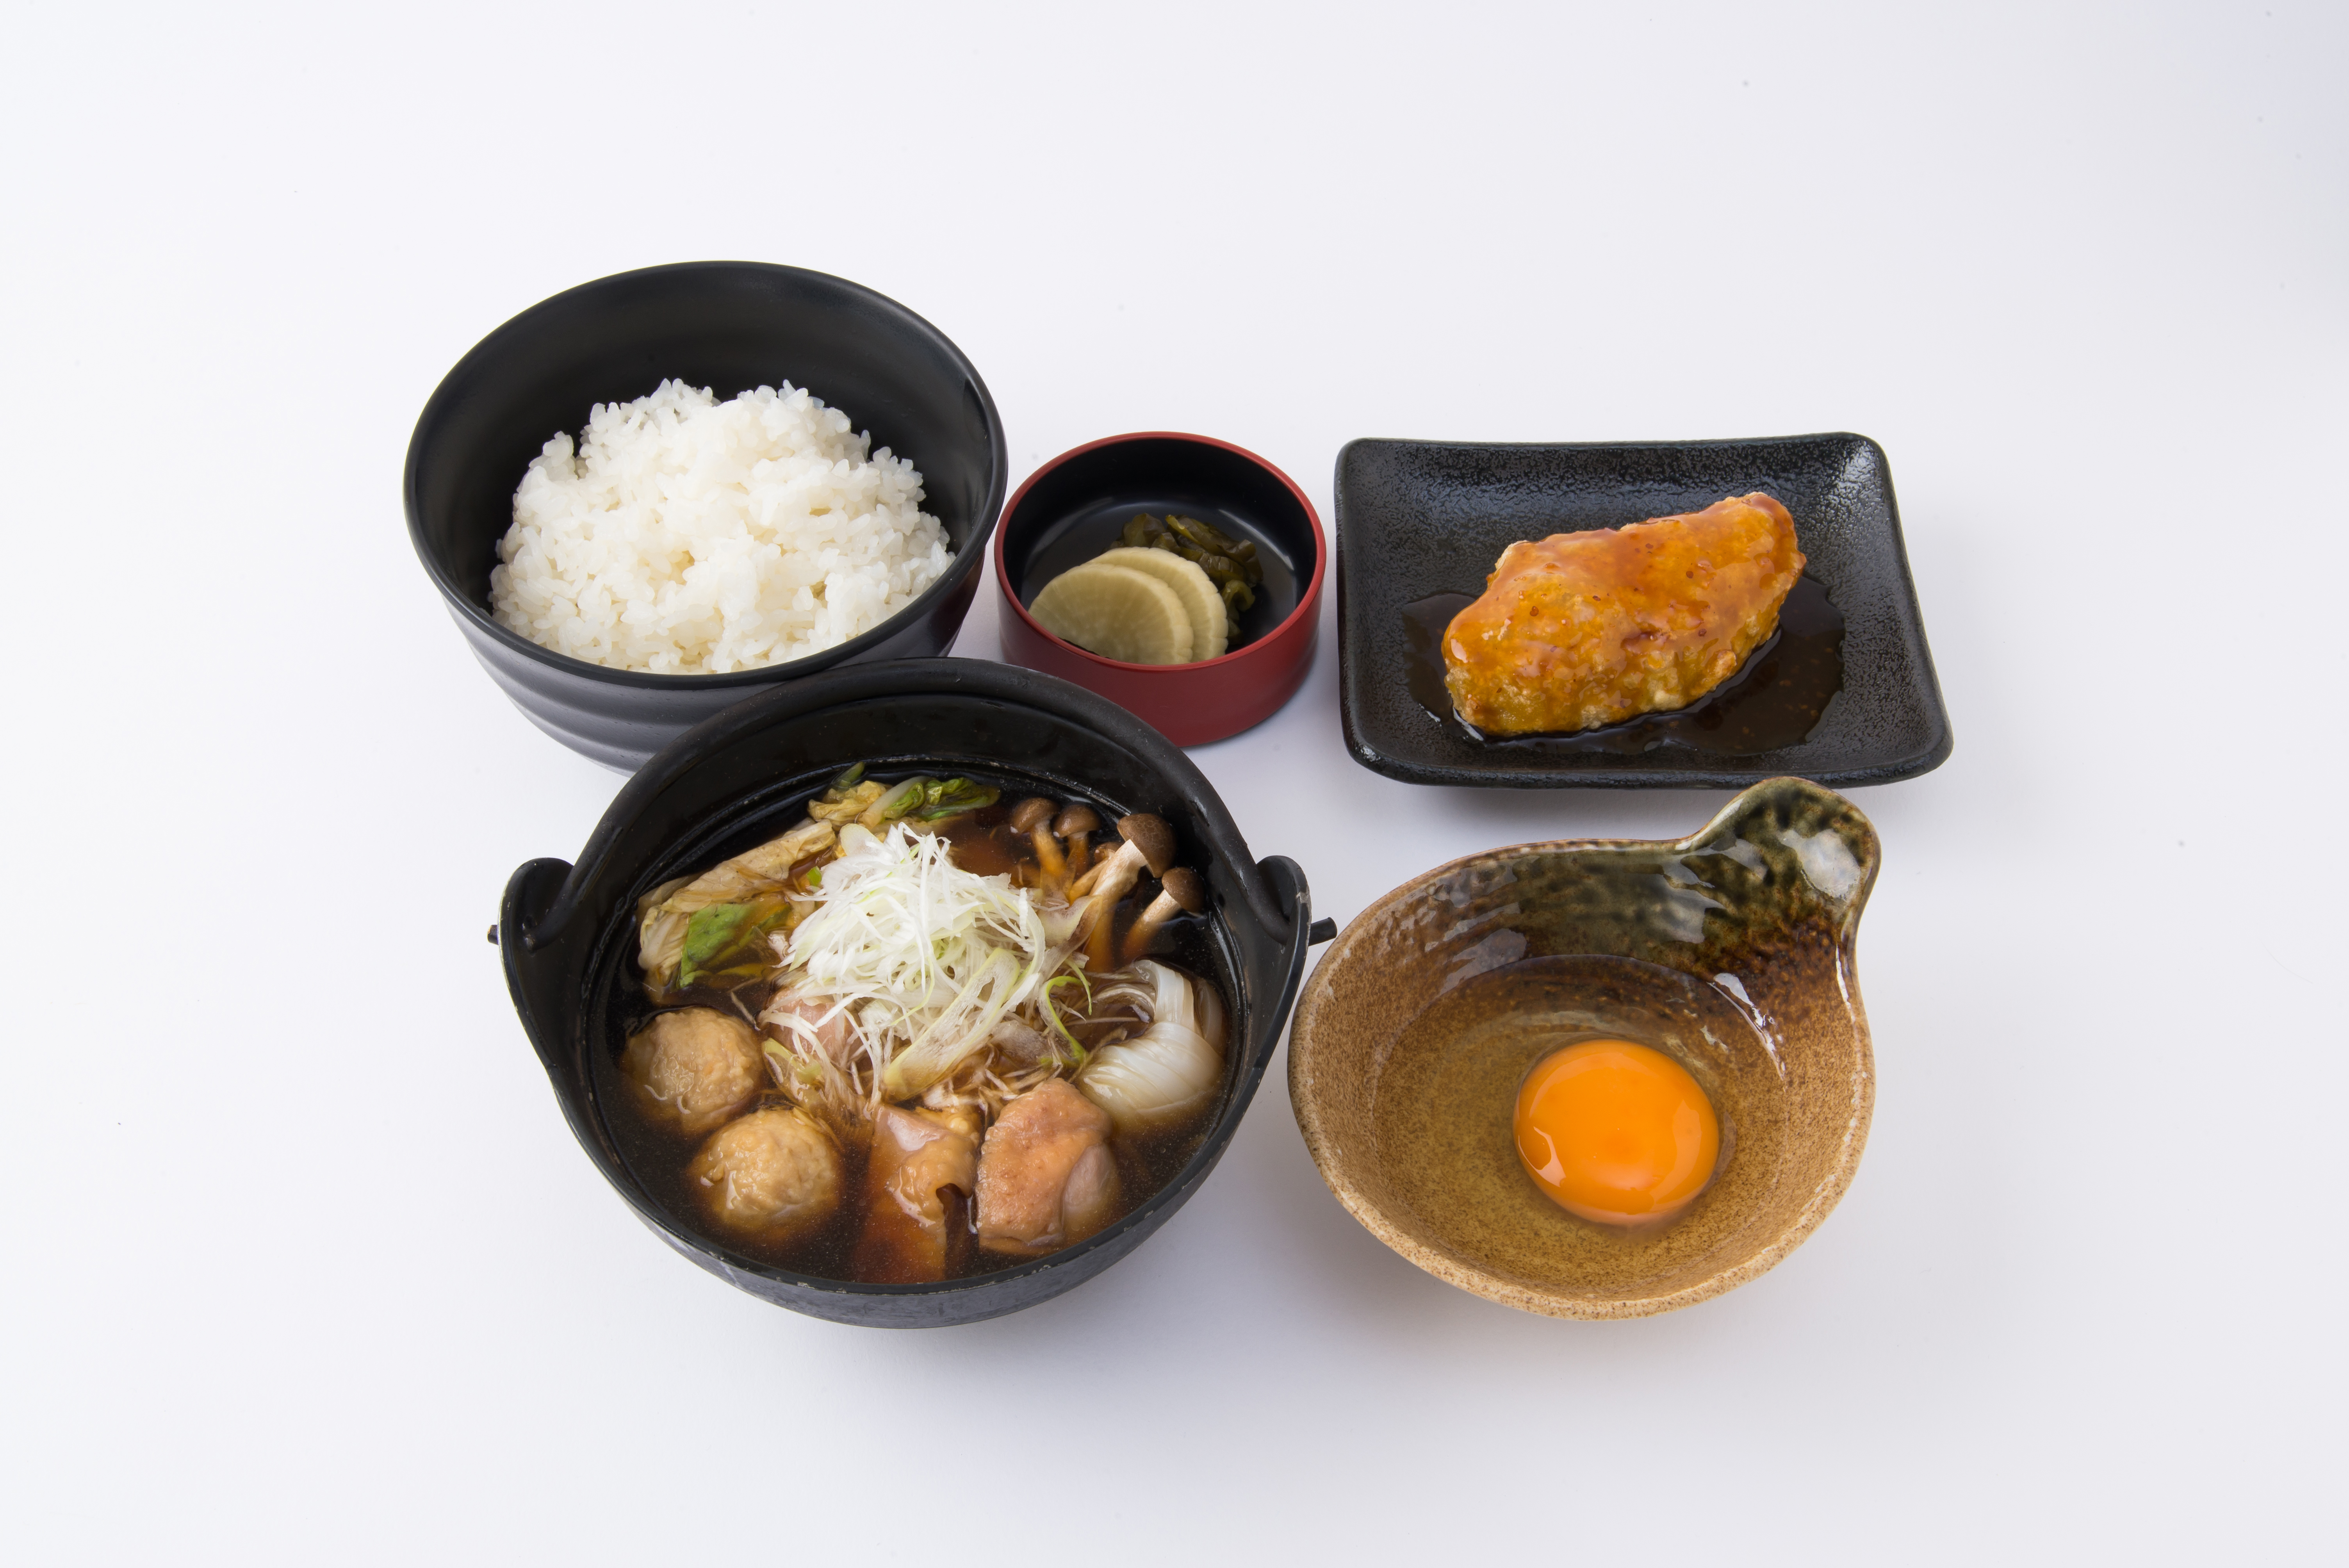 特上軍鶏鍋定食 / 2300円